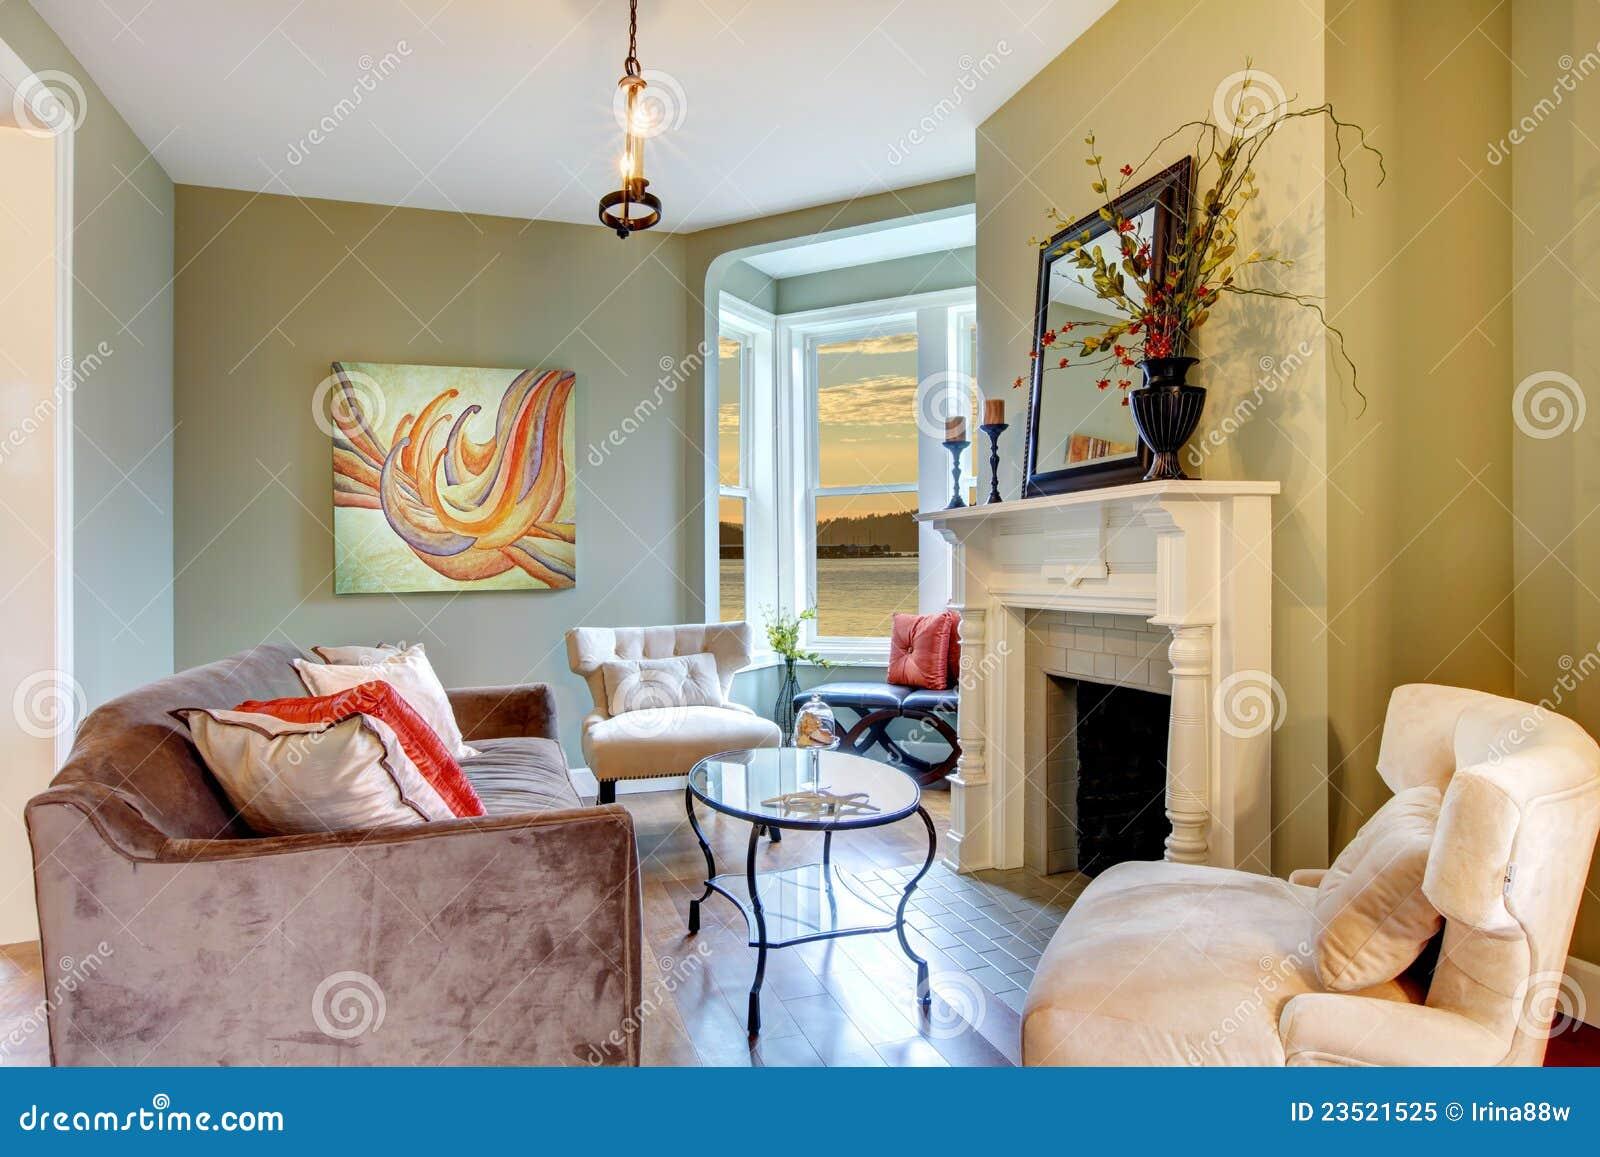 Elegantes grünes wohnzimmer mit kamin. lizenzfreies stockfoto ...